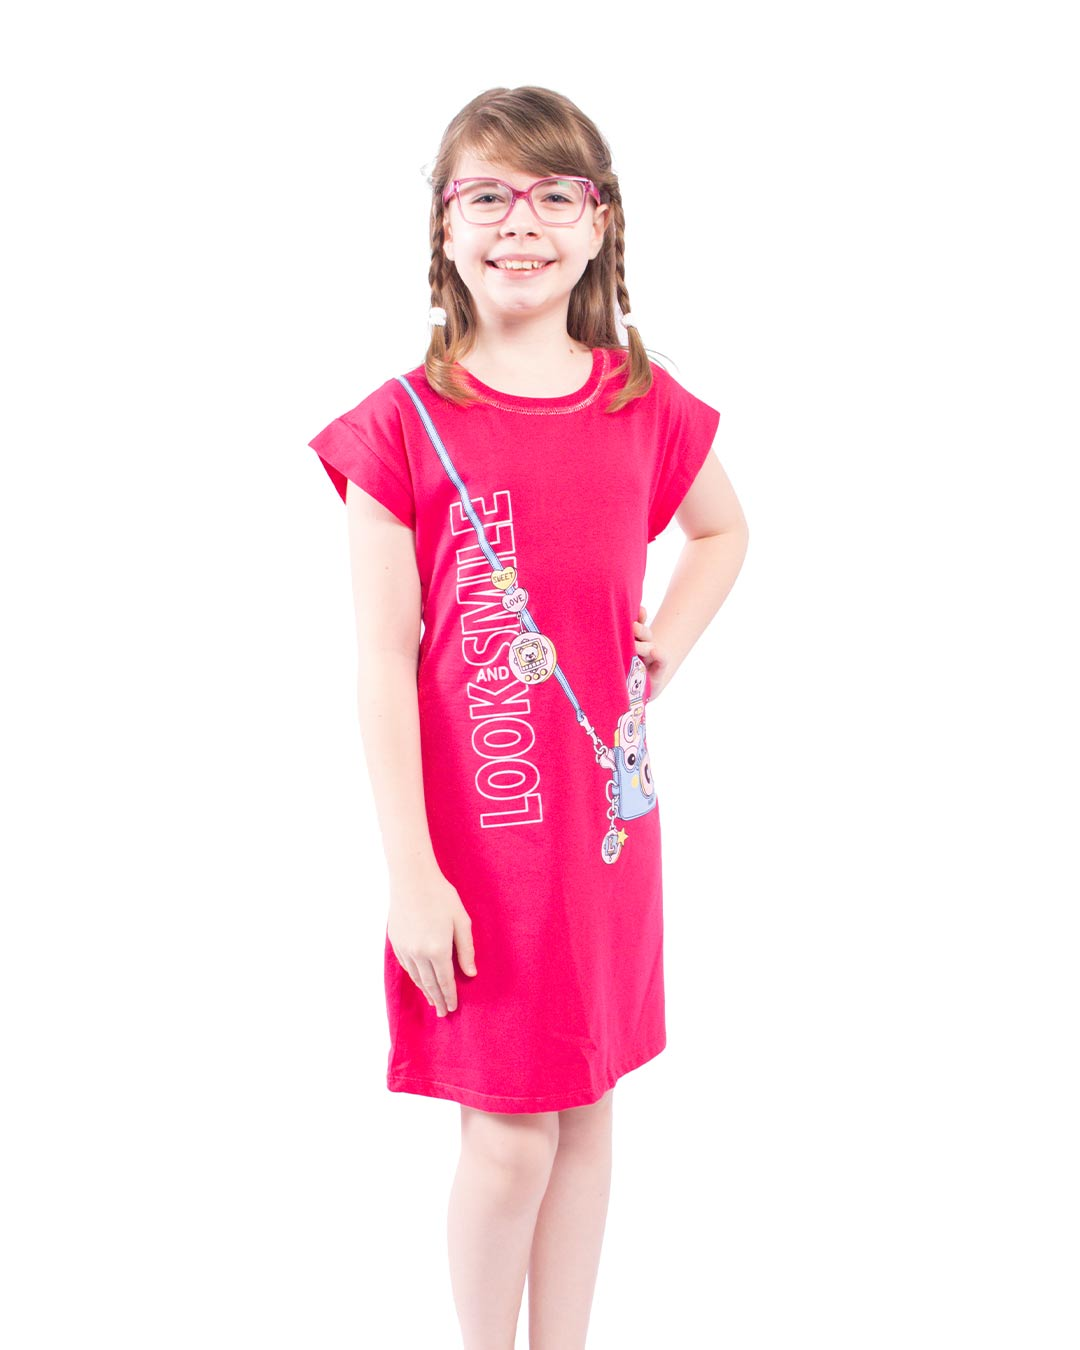 Vestido Infantil Look and Smile - Lecimar